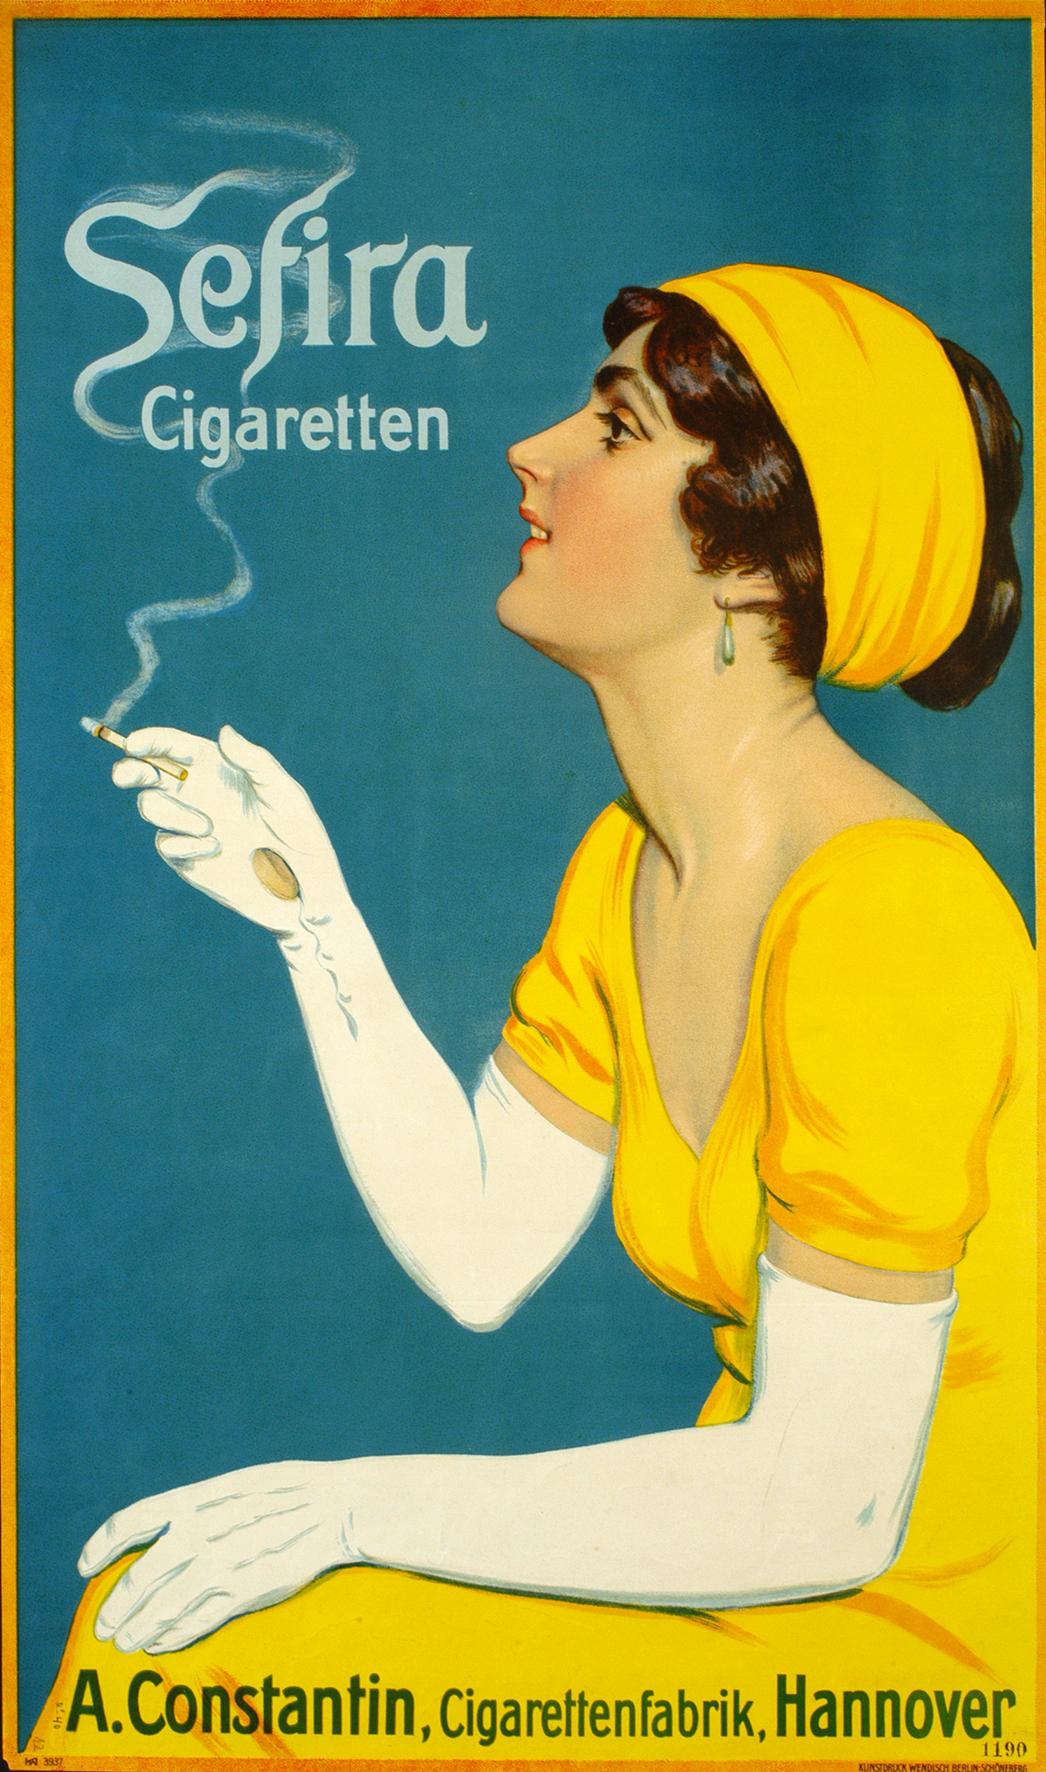 Plakat für Sefira Zigaretten, A. Constantin Zigarettenfabrik, Hannover, Entwurf Wendisch (Vorname unbekannt), 1912